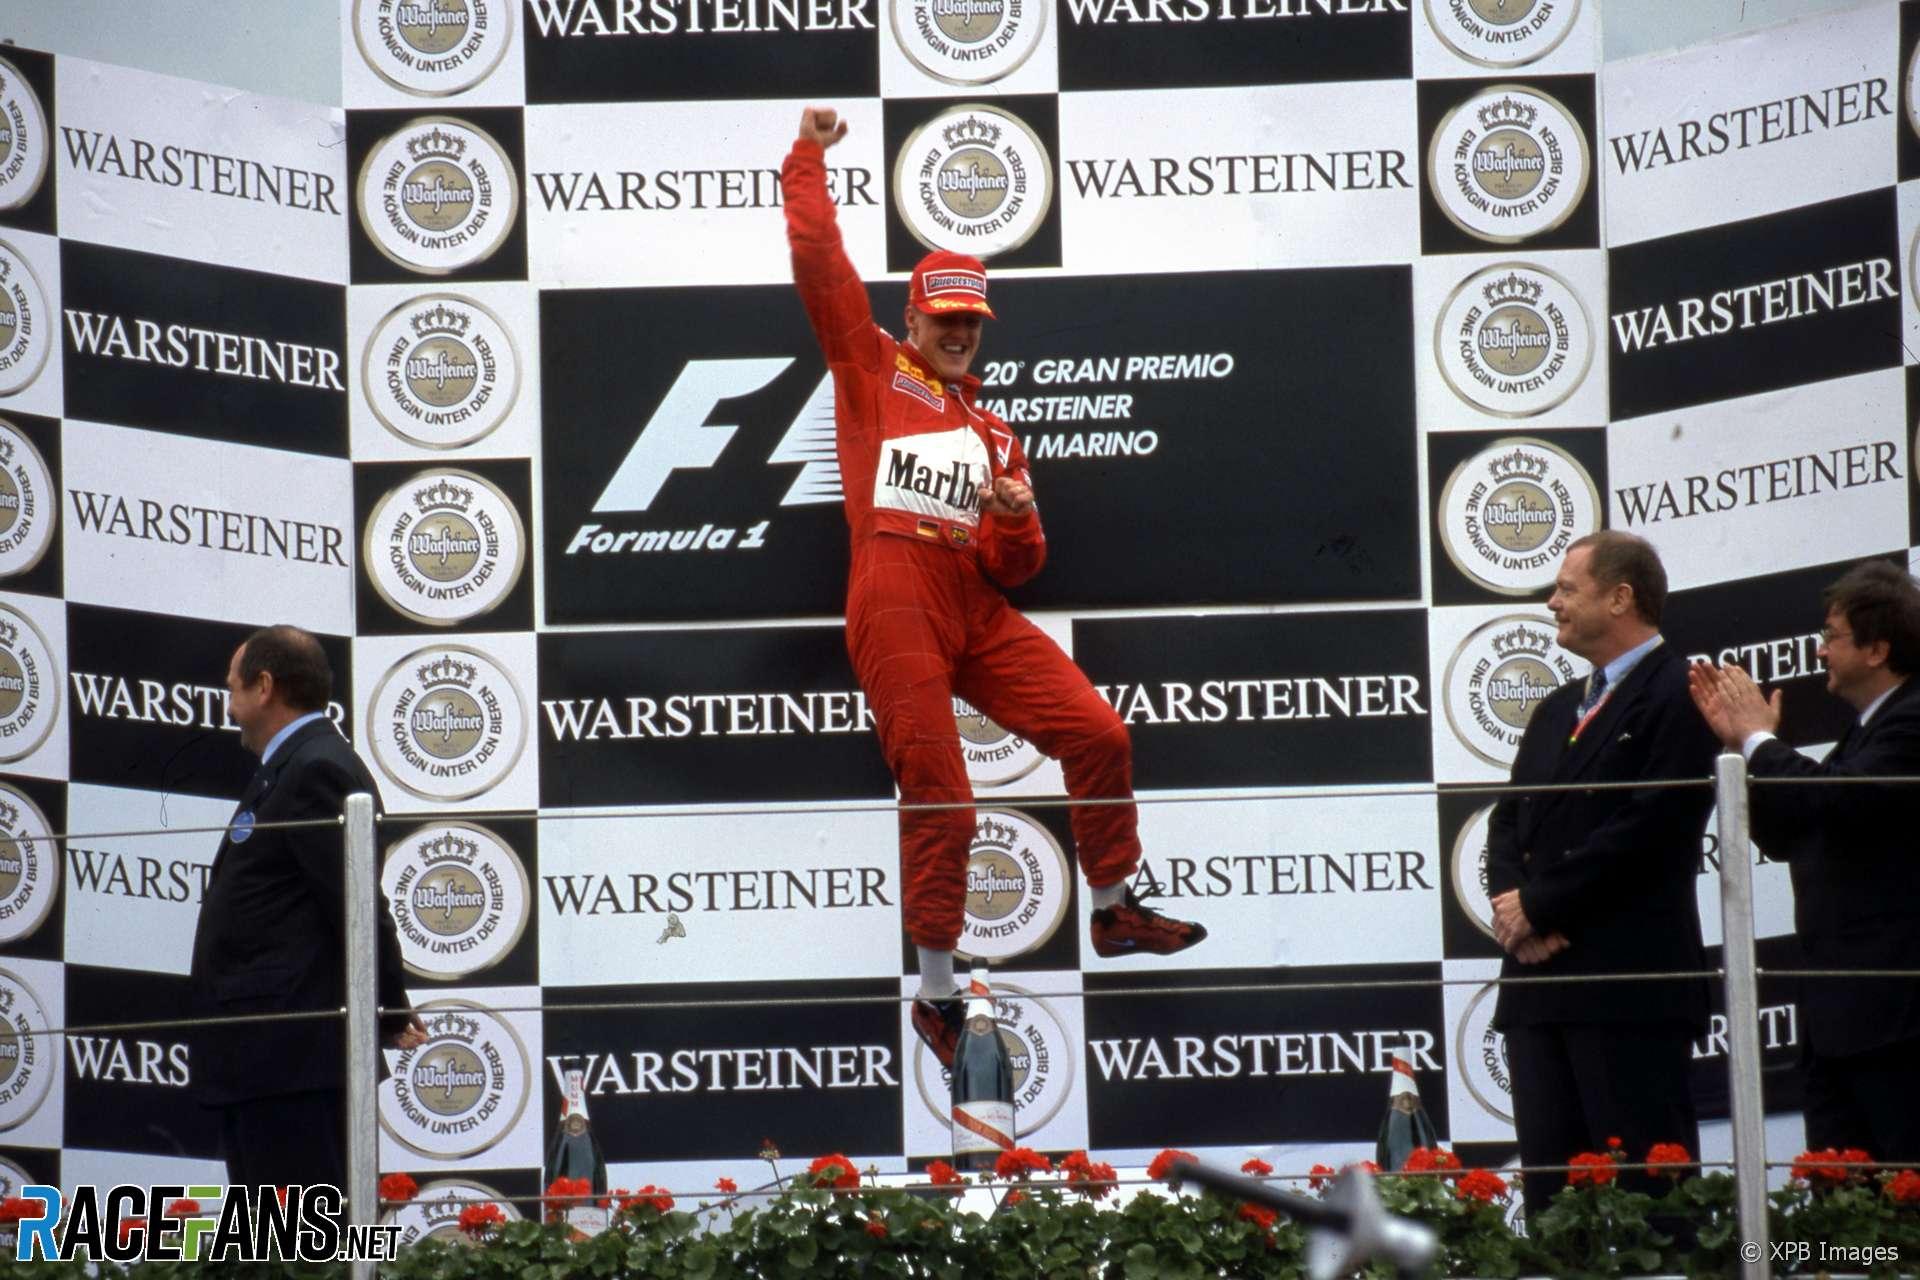 Michael Schumacher, Ferrari, Imola, 2000